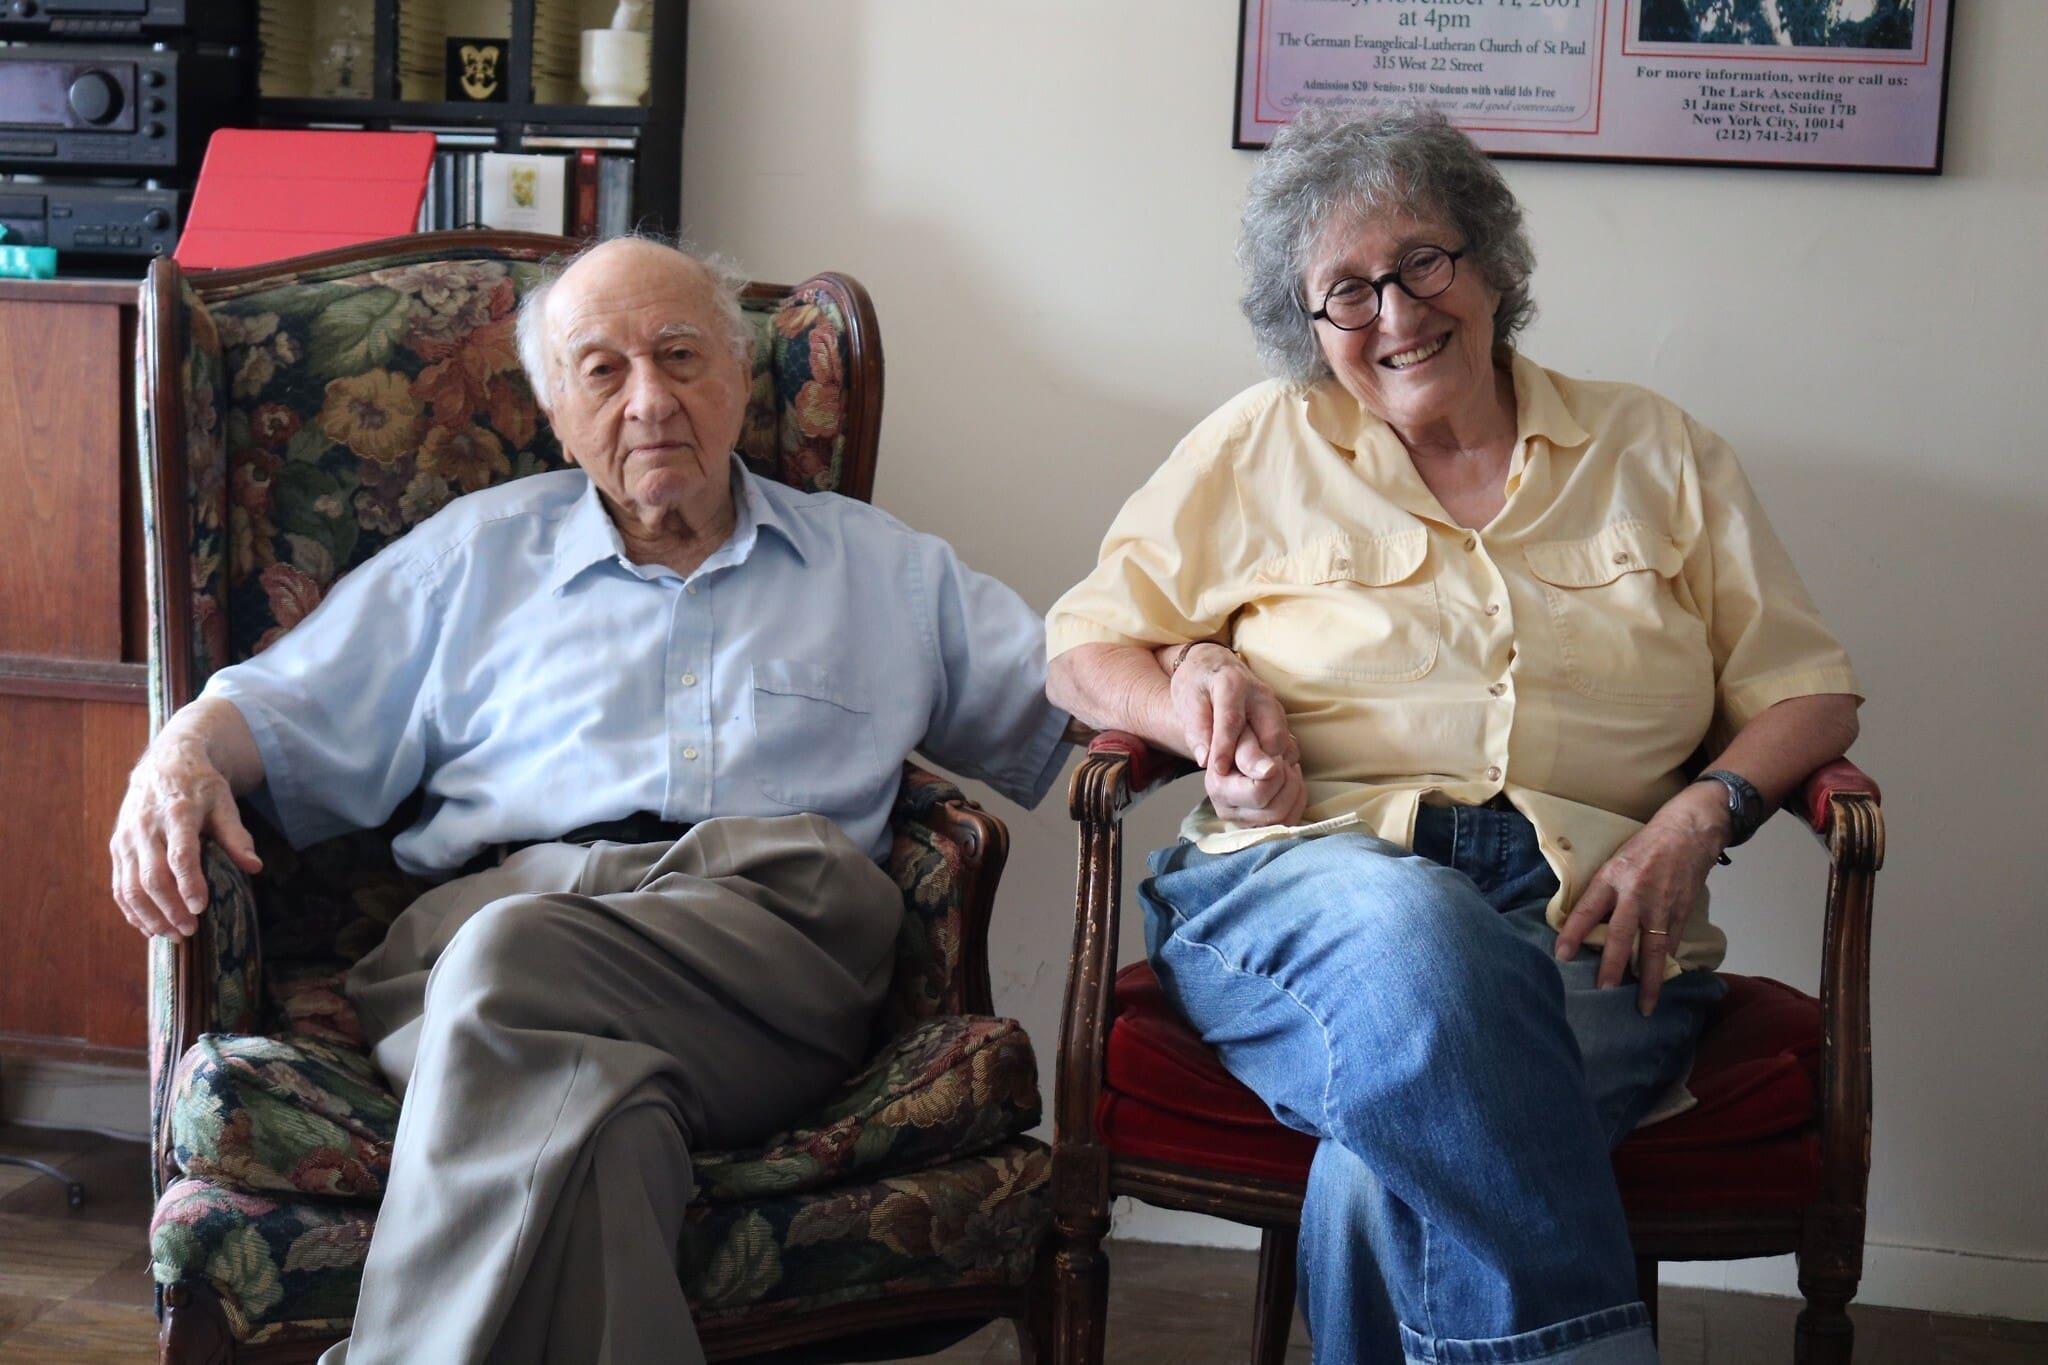 ארנולד גרייסל, 97, עם אשתו ננסי בוגן, 88, בדירתם בניו יורק, 2020. בני הזוג הם אורחים קבועים בשטם טיש, שם סלט תפוחי האדמה הווינאי של ארנולד הוא פריט חובה בכל שבוע (צילום: האנה הרנסט)